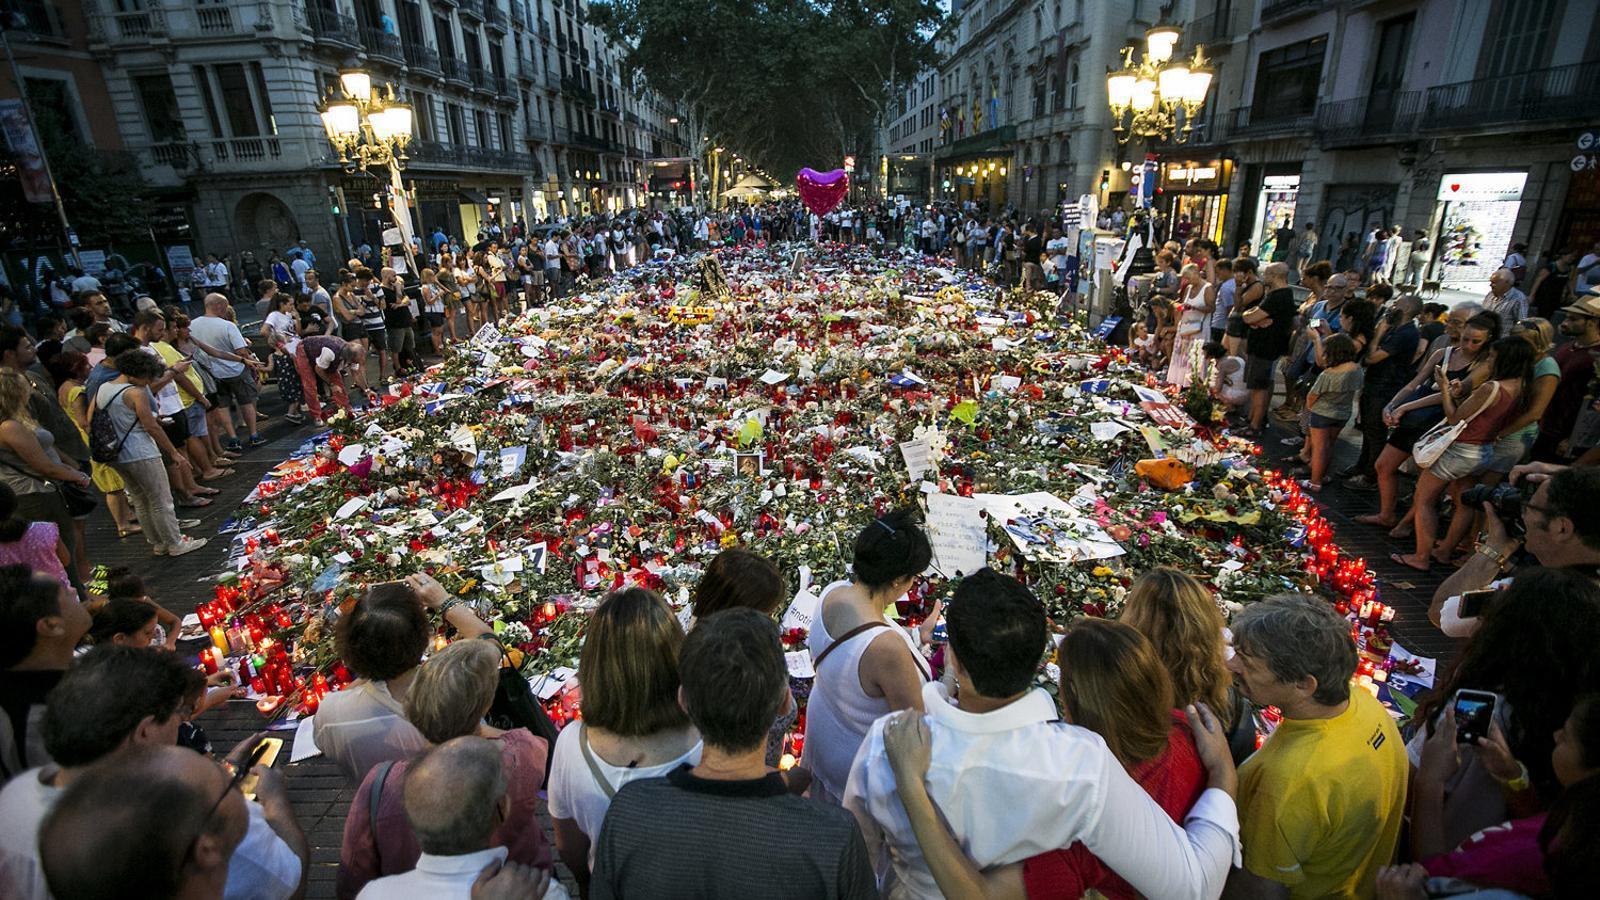 El mural de Miró de la Rambla es va convertir en un memorial improvisat de les víctimes del 17-A durant els 10 dies després dels atemptats.